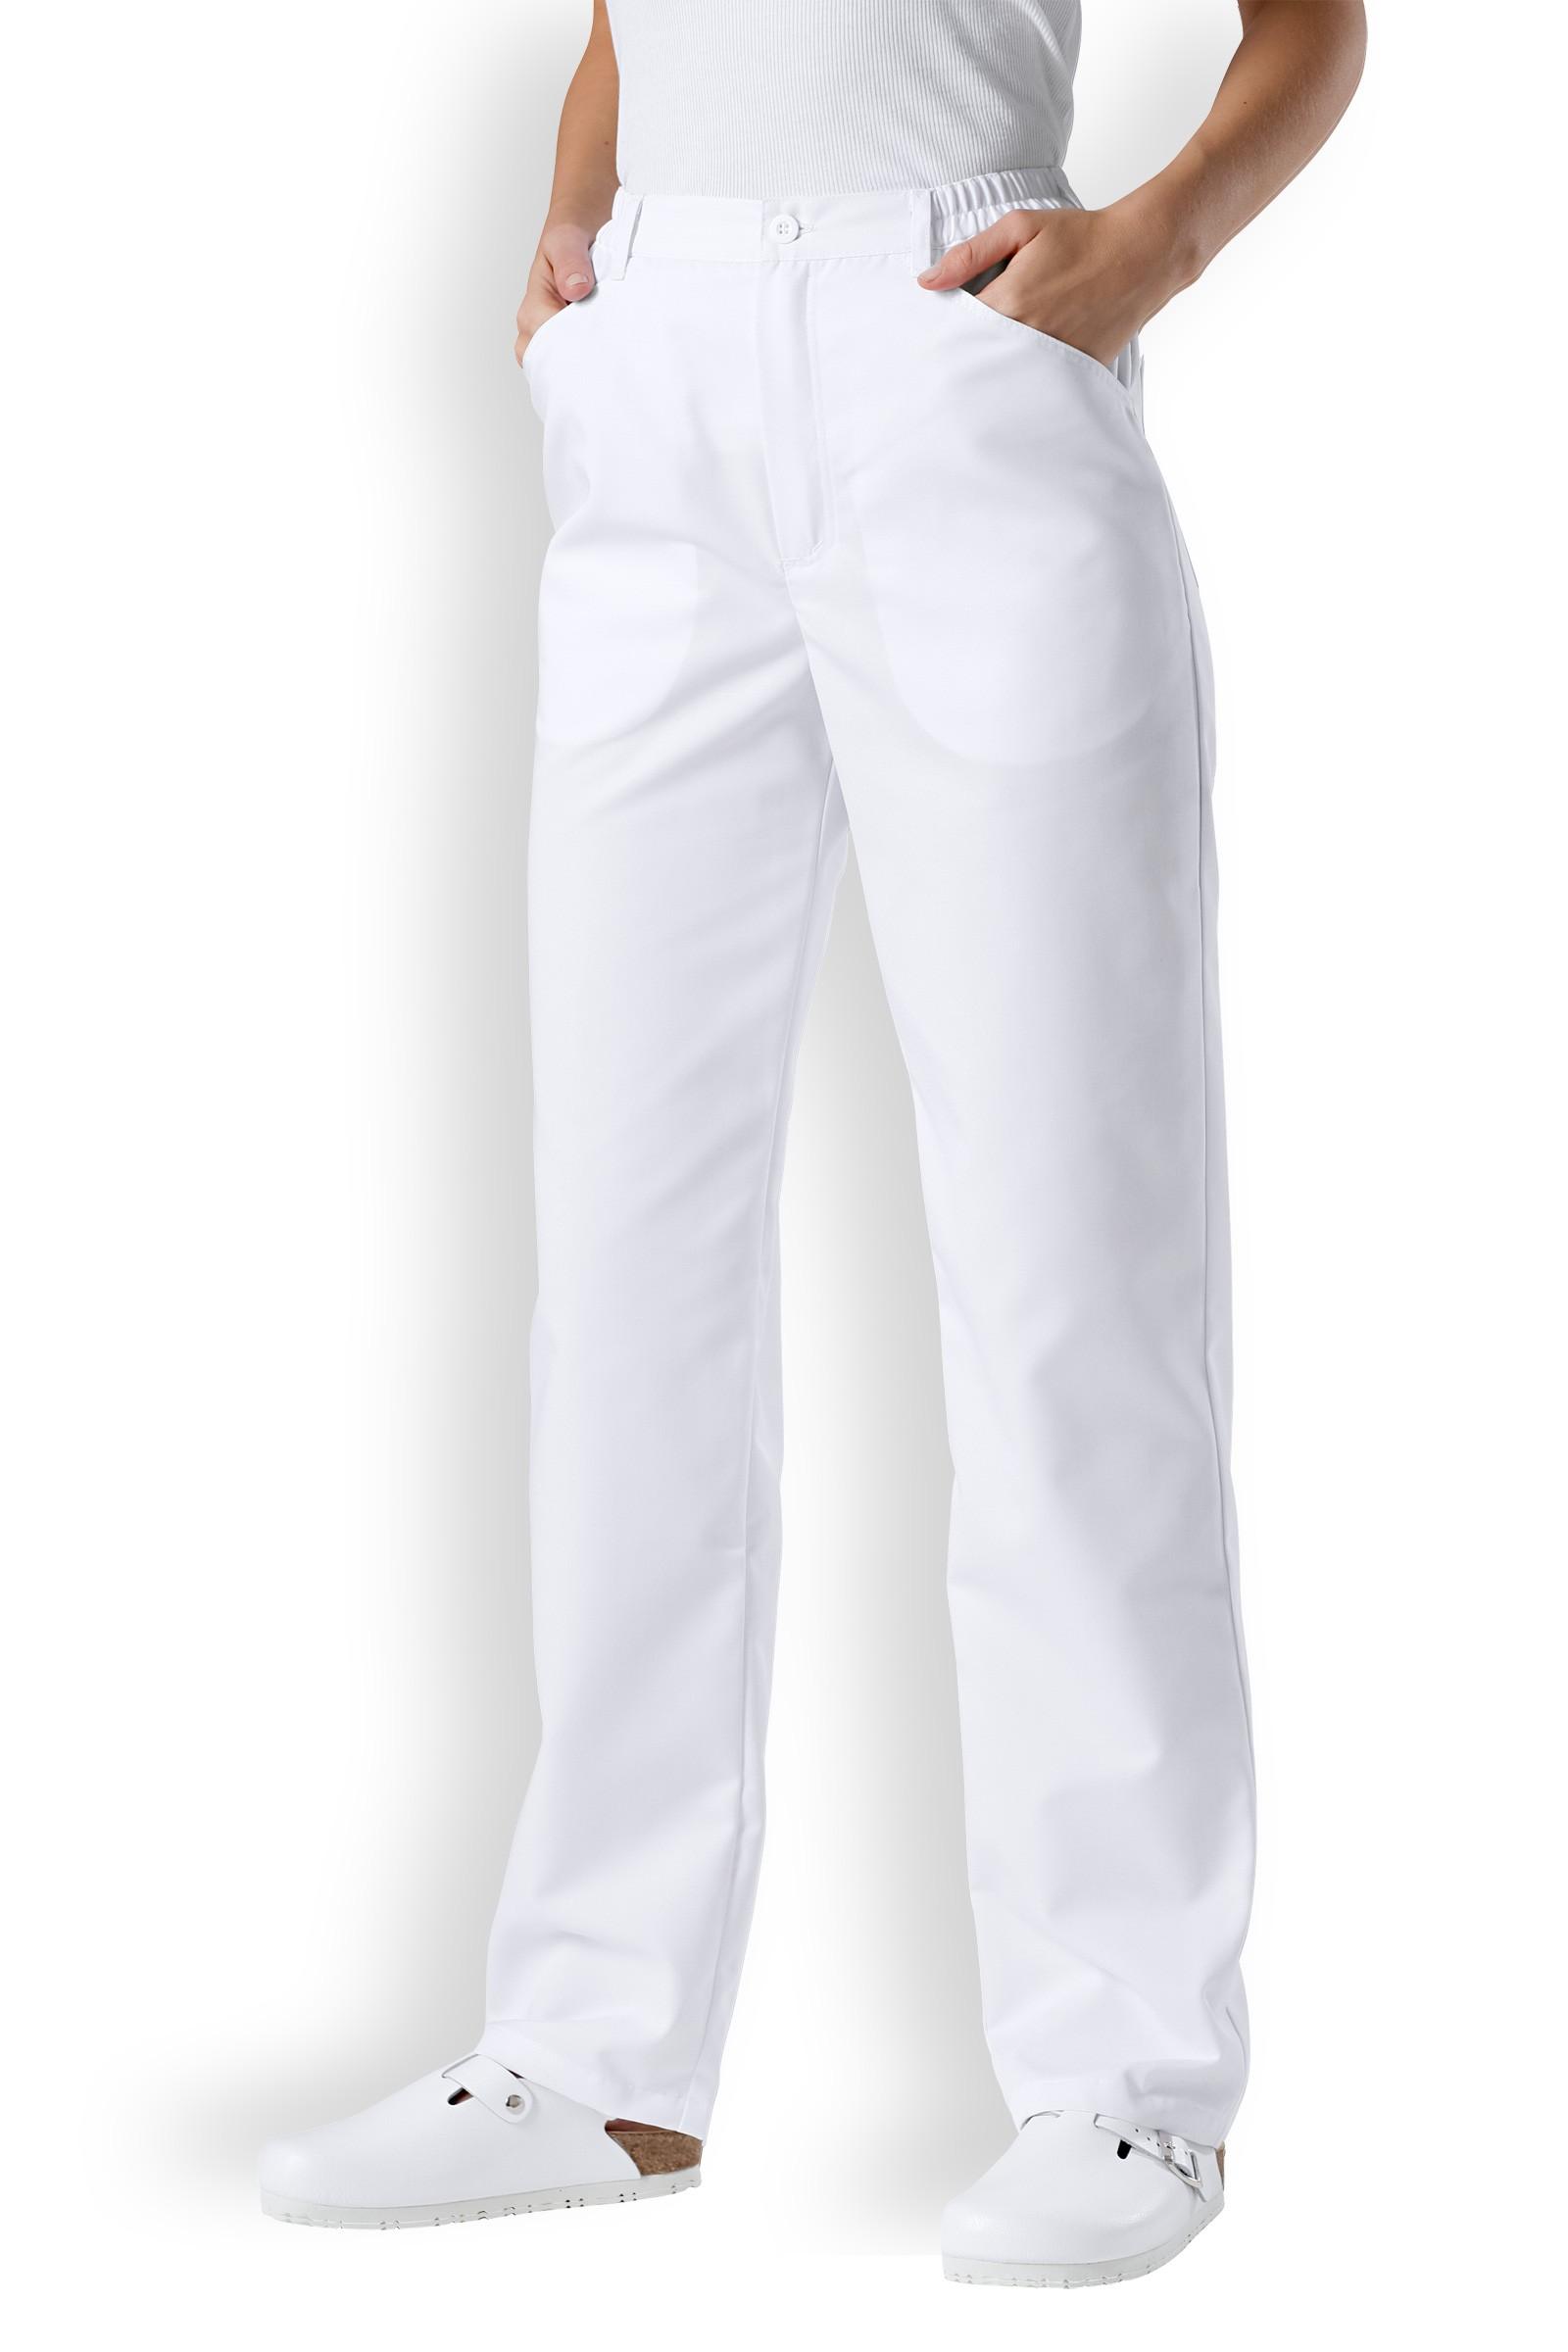 Clinic Dress Dámské dlouhé kalhoty Clinic Dress ze směsové tkaniny Bílá 38